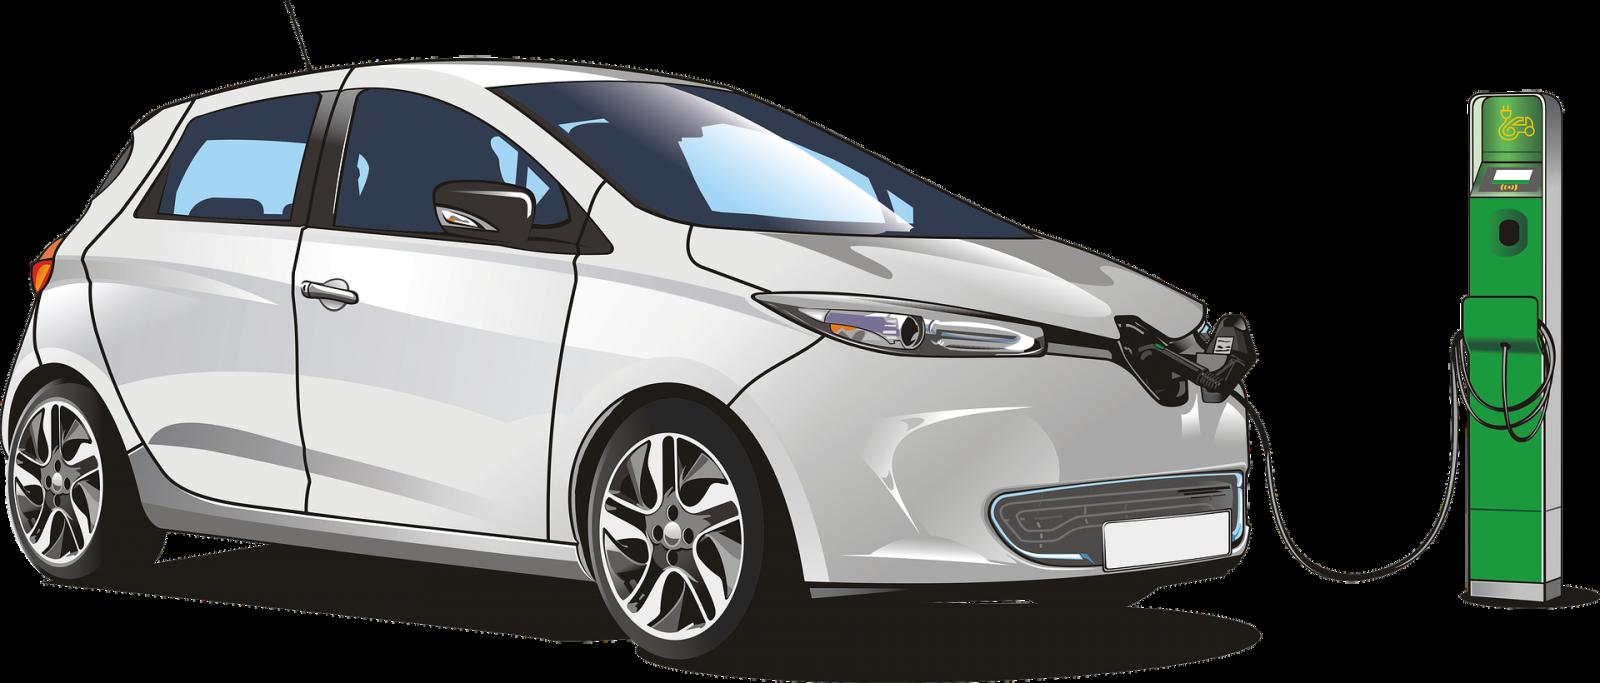 JAVNI NATJEČAJ za davanje u zakup rezerviranih parkirališnih mjesta za potrebe zajedničkog korištenja električnih automobila